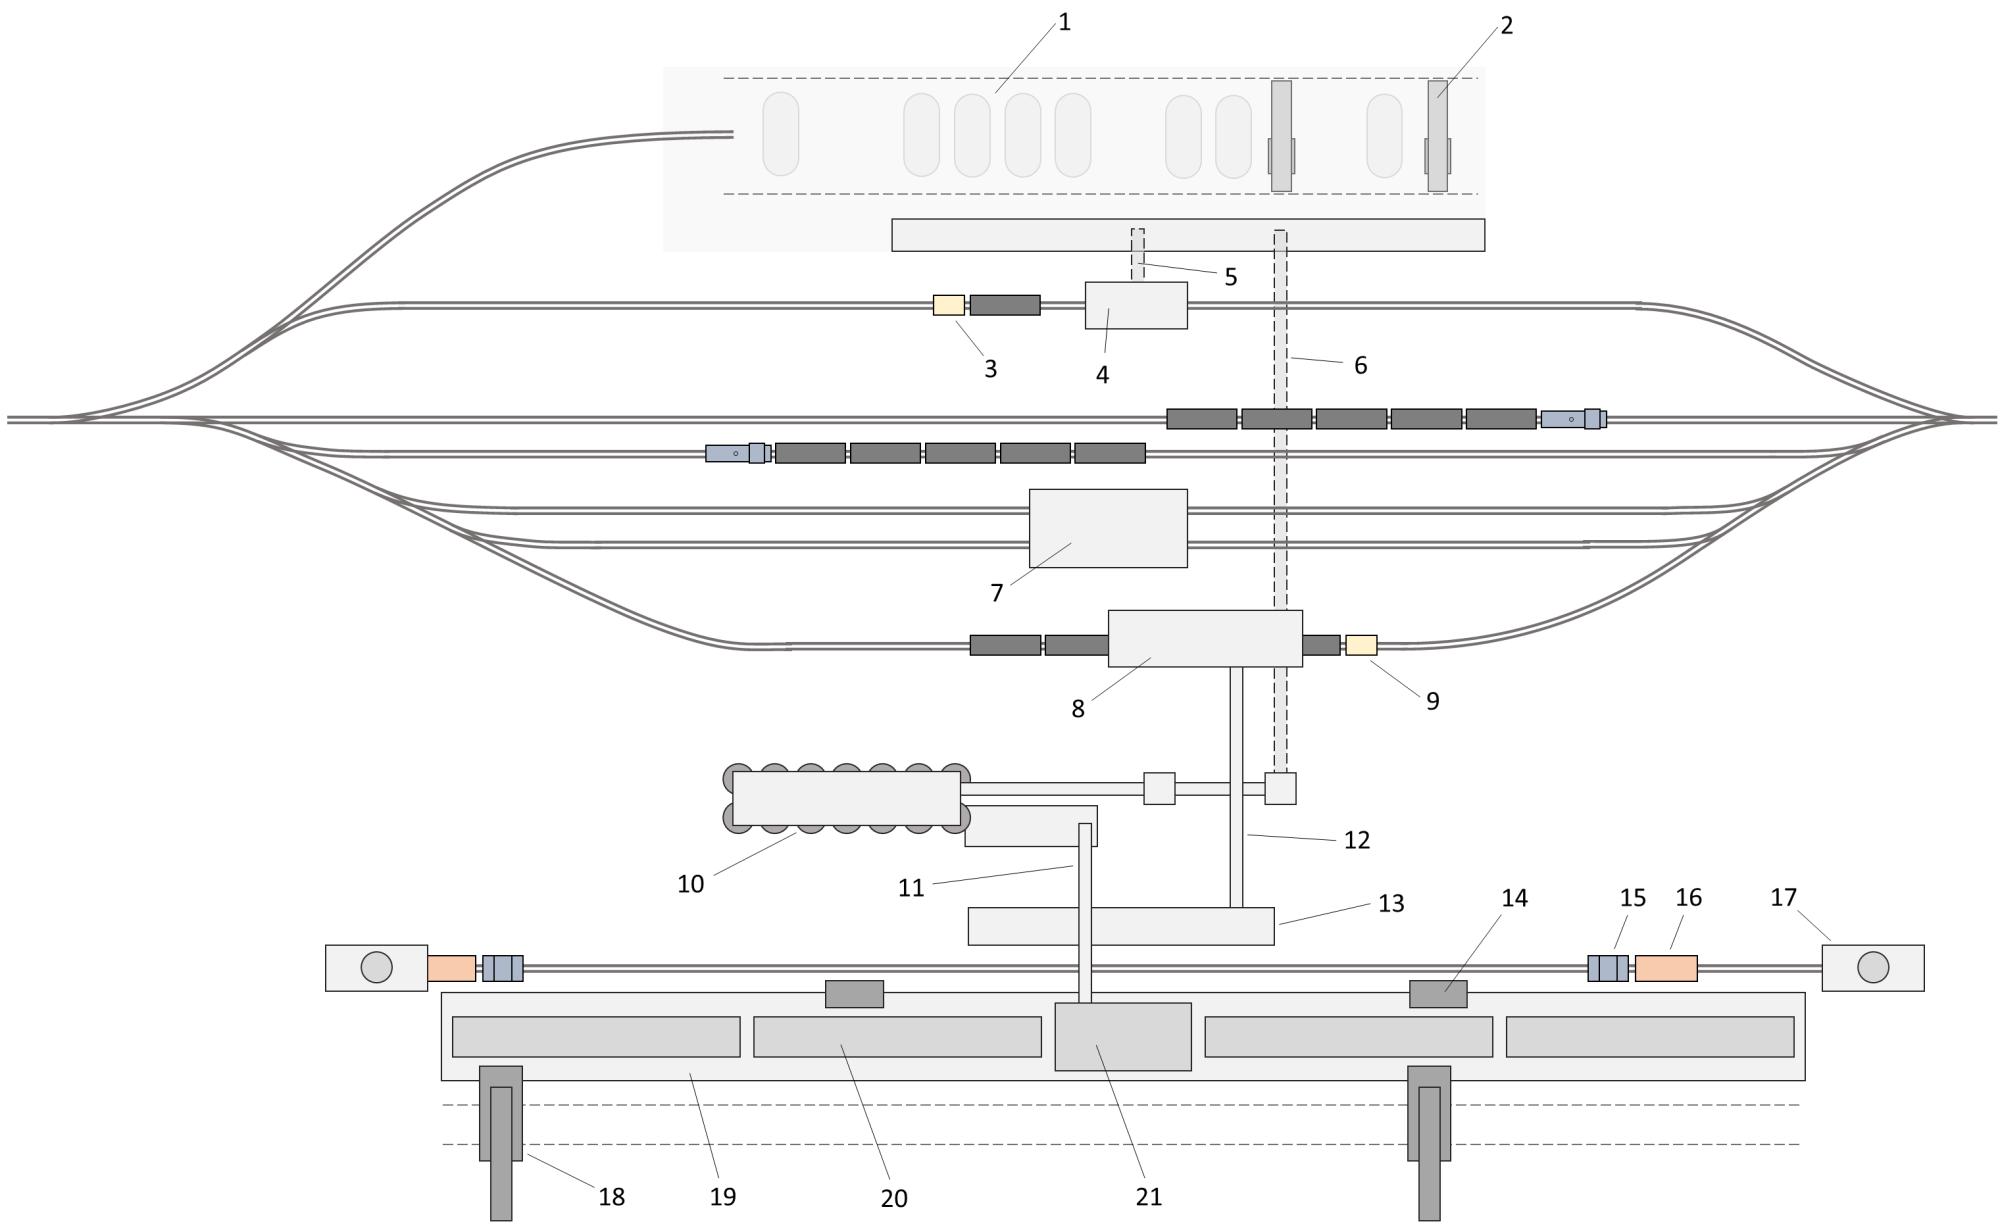 Условная схема Московского коксогазового завода: 1 - склад угля, 2 - мостовые грейферные краны, з - электрический вагонотолкатель, 4 - вагоноопрокидыватель, 5 - подземный конвейер доставки углей на склад, 6 - подземный конвейер доставки углей в закрытый склад (силосы), 7 - бункер разгрузки угля, 8 - башня сортировки и погрузки кокса в вагоны, 9 - электрический вагонотолкатель, 10 - закрытый склад углей (силосы), 11 - конвейер подачи шихты в угольную башню, 12 - конвейер подачи кокса на погрузку, 13 - рампа выгрузки кокса из коксотушильного вагона, 14 - двересъемная машина, 15 - коксотушильный электровоз, 16 - коксотушильный вагон, 17 - кокостушильная башня, 18 - коксовыталкиватель, 19 - коксовый цех, 20 - коксовая батарея, 21 - угольная башня